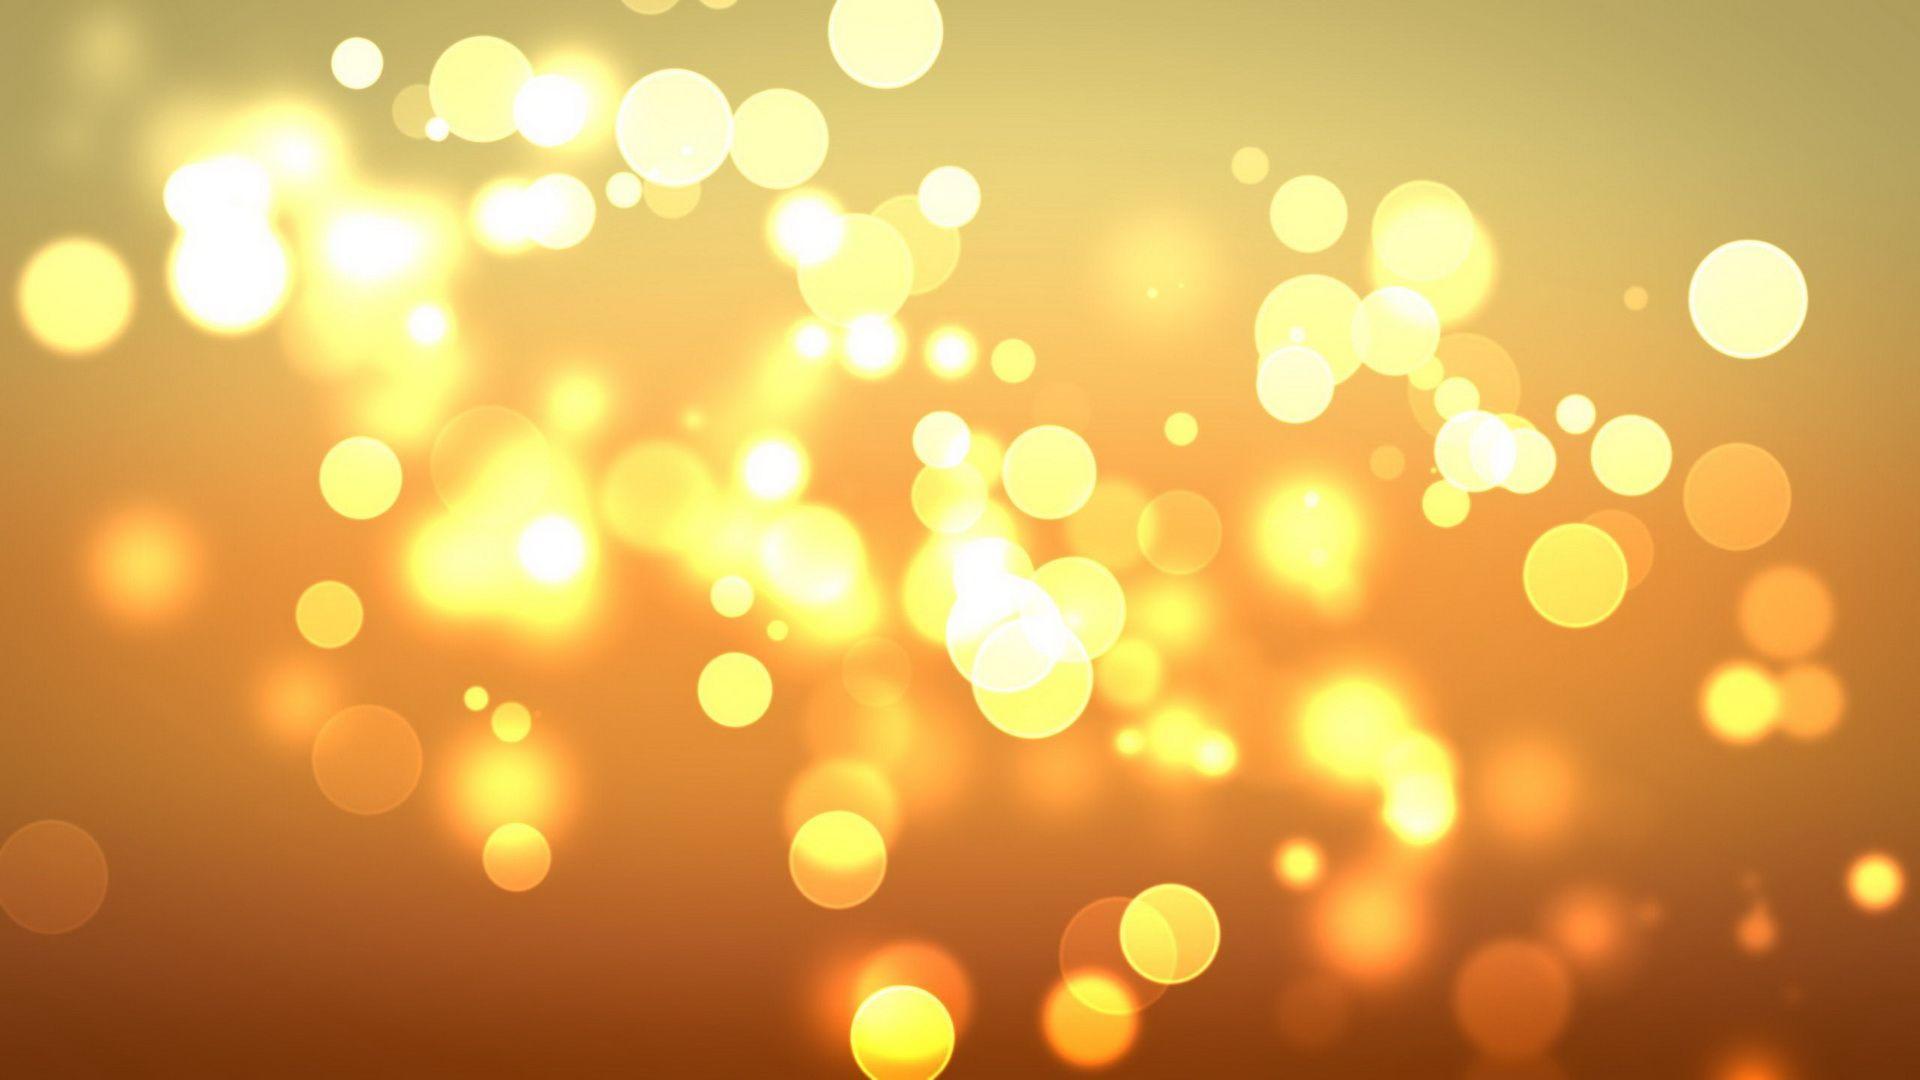 1920x1080 Bokeh trừu tượng màu vàng 27586 1920x1080px